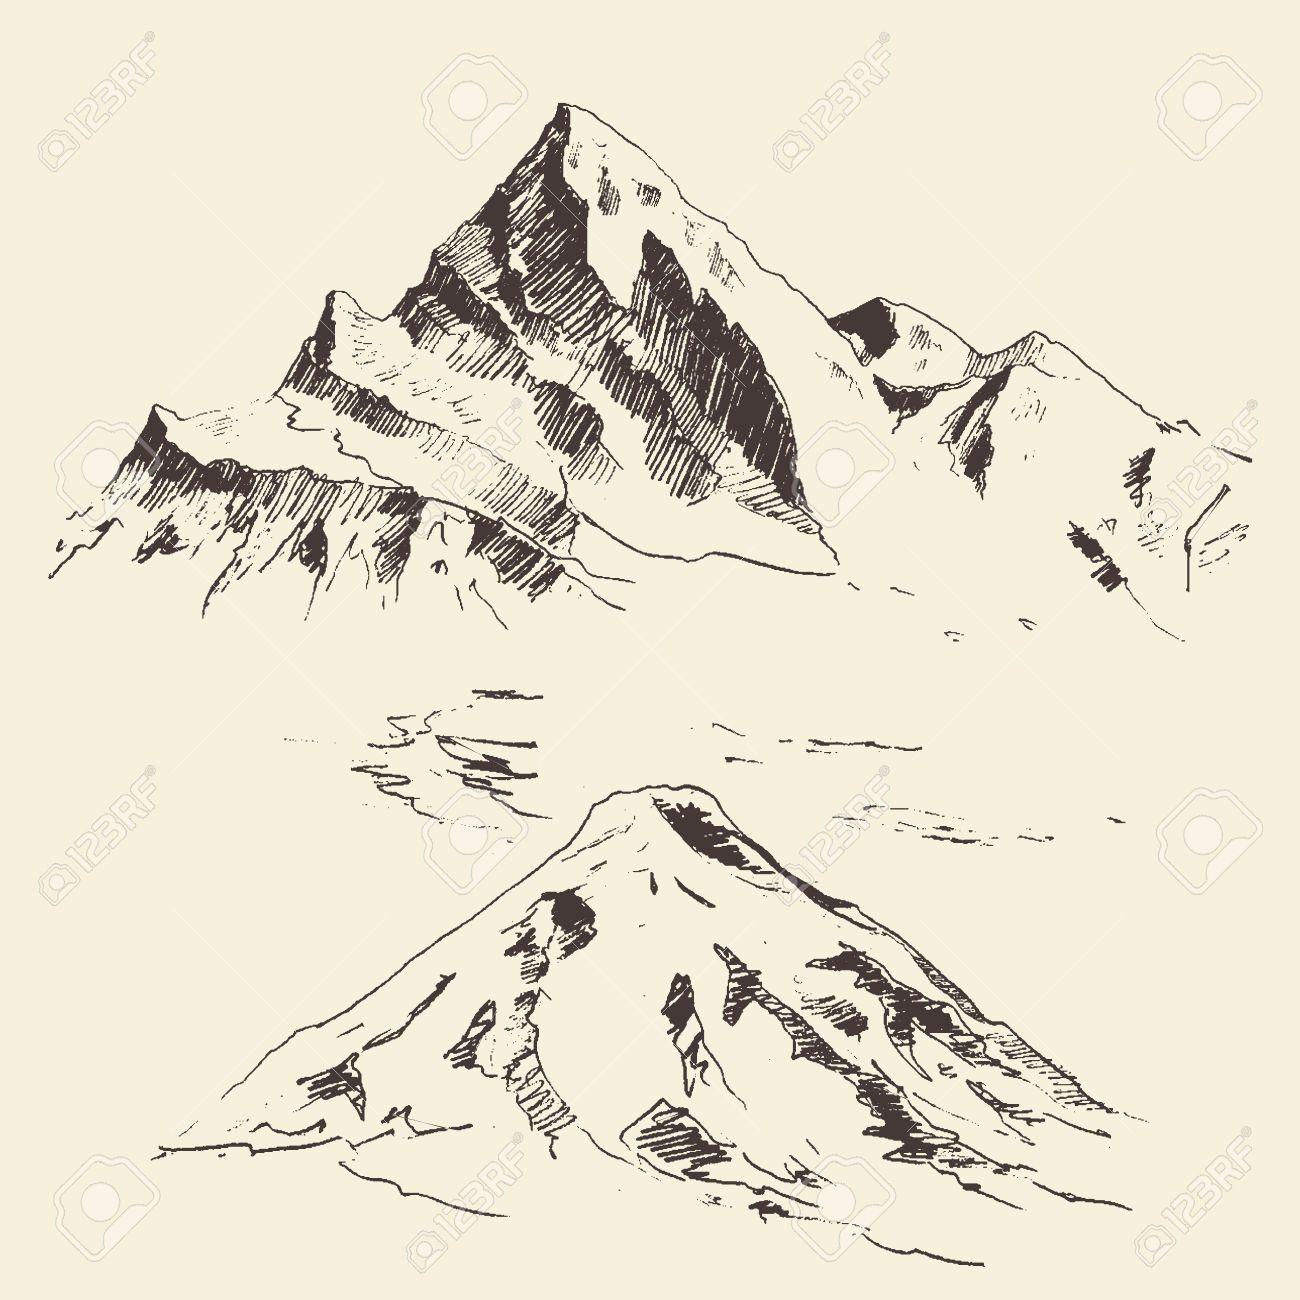 Mountains sketch поиск в google